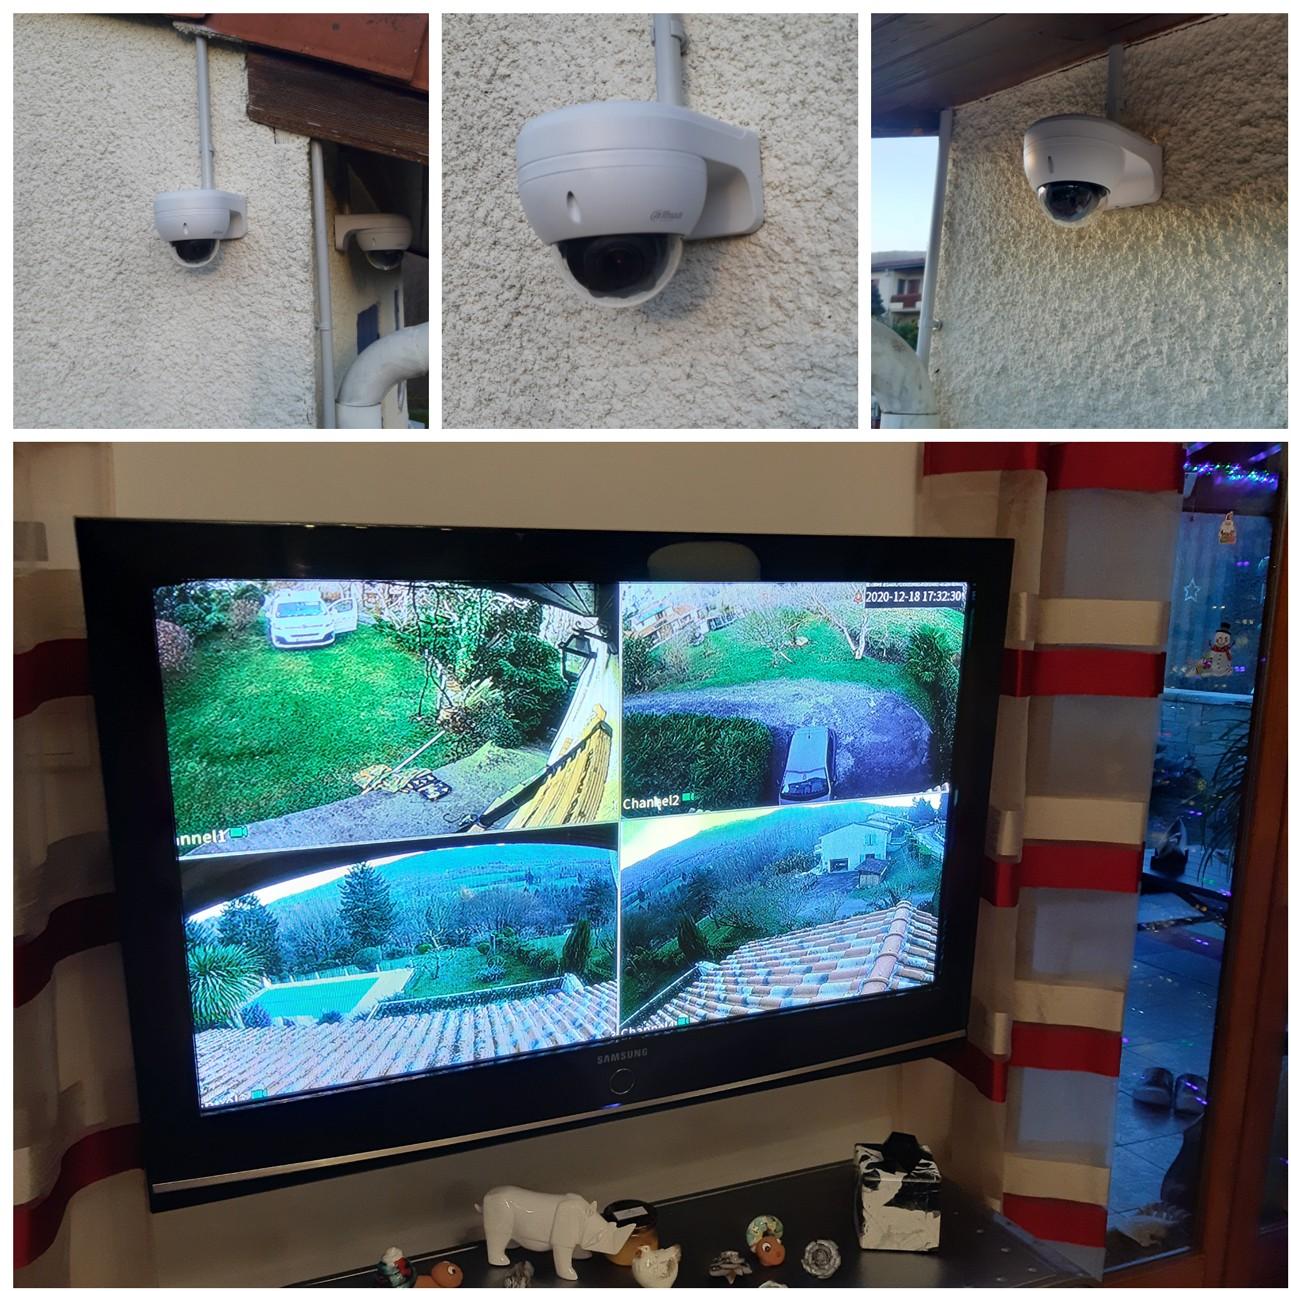 réalisation de votre installateur de videosurveillance 09000  Serres sur Arget